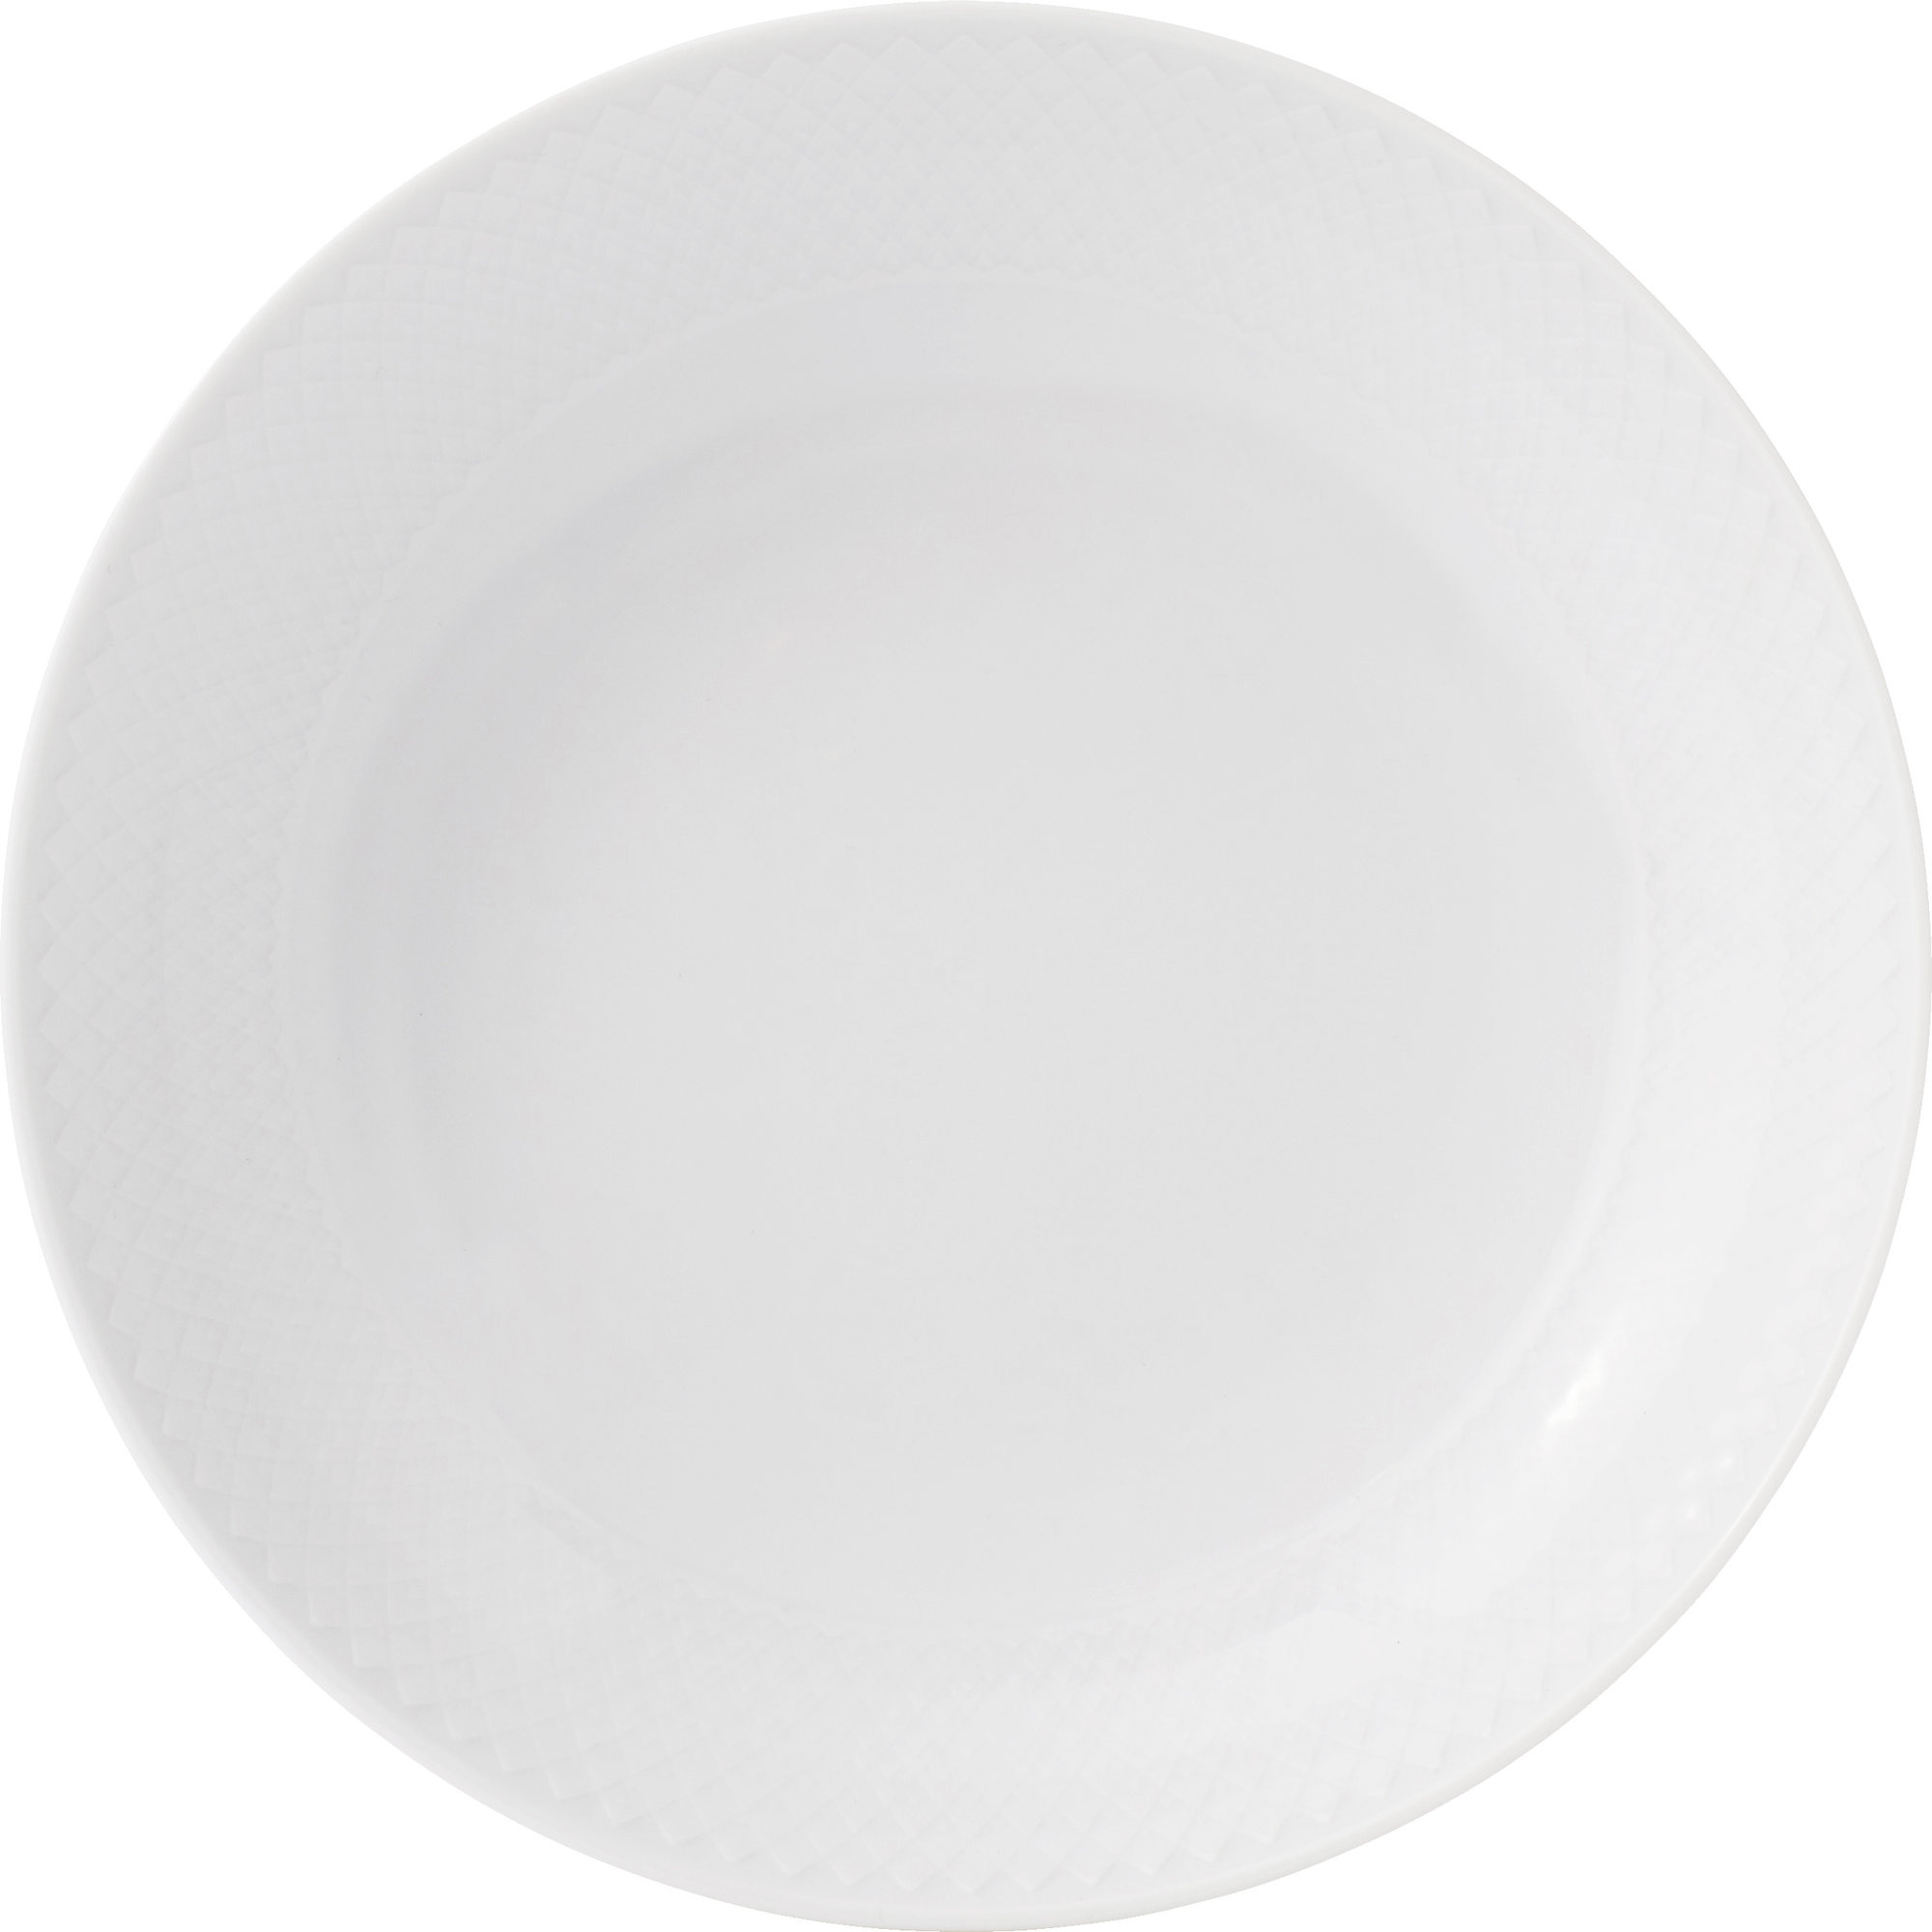 Lyngby Porcelæn Rhombe Tallrik 20 cm Vit